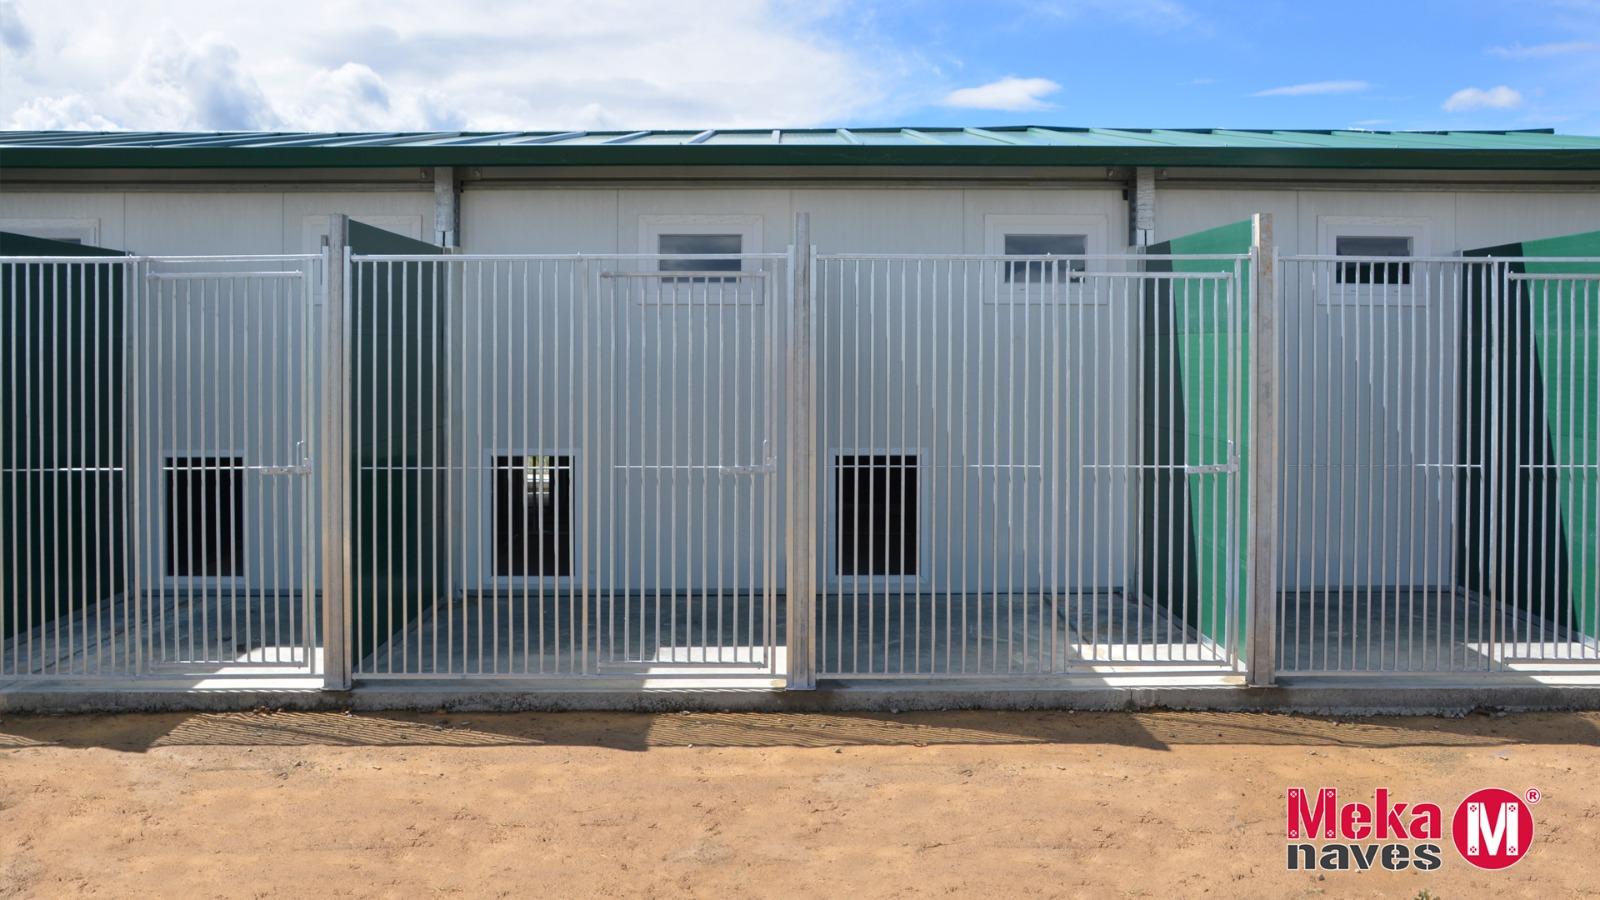 Residencia para animales en Huesca